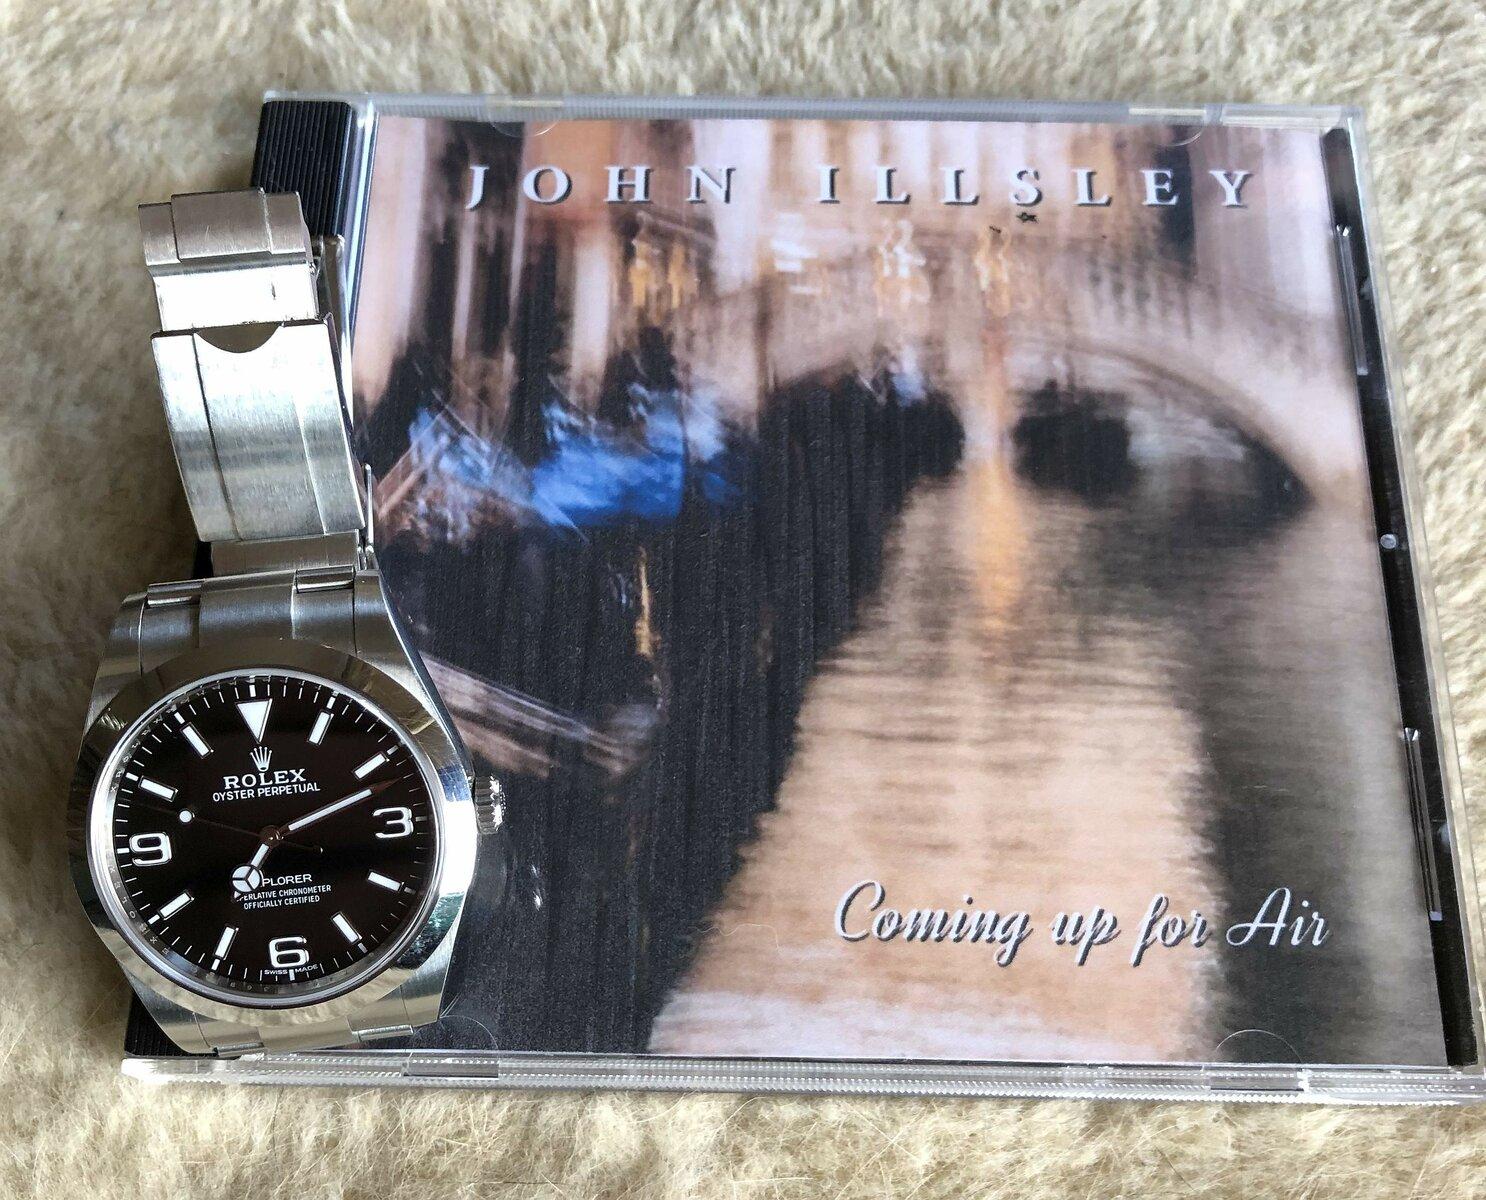 Rolex E1 2019-05-07 (CD).